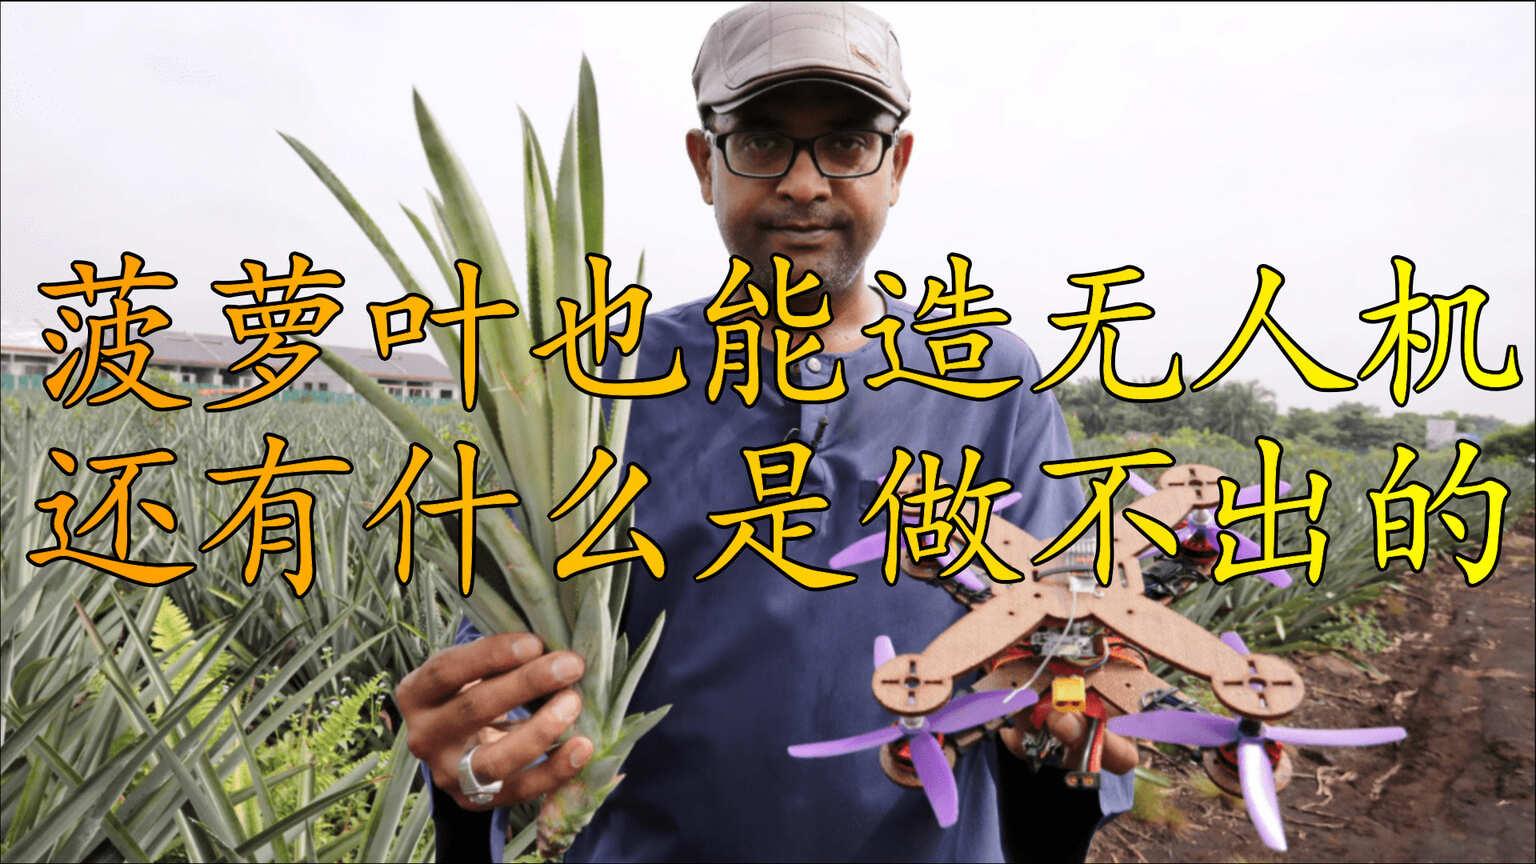 马来西亚使用菠萝叶也能造无人机配件,还有什么是做不出的